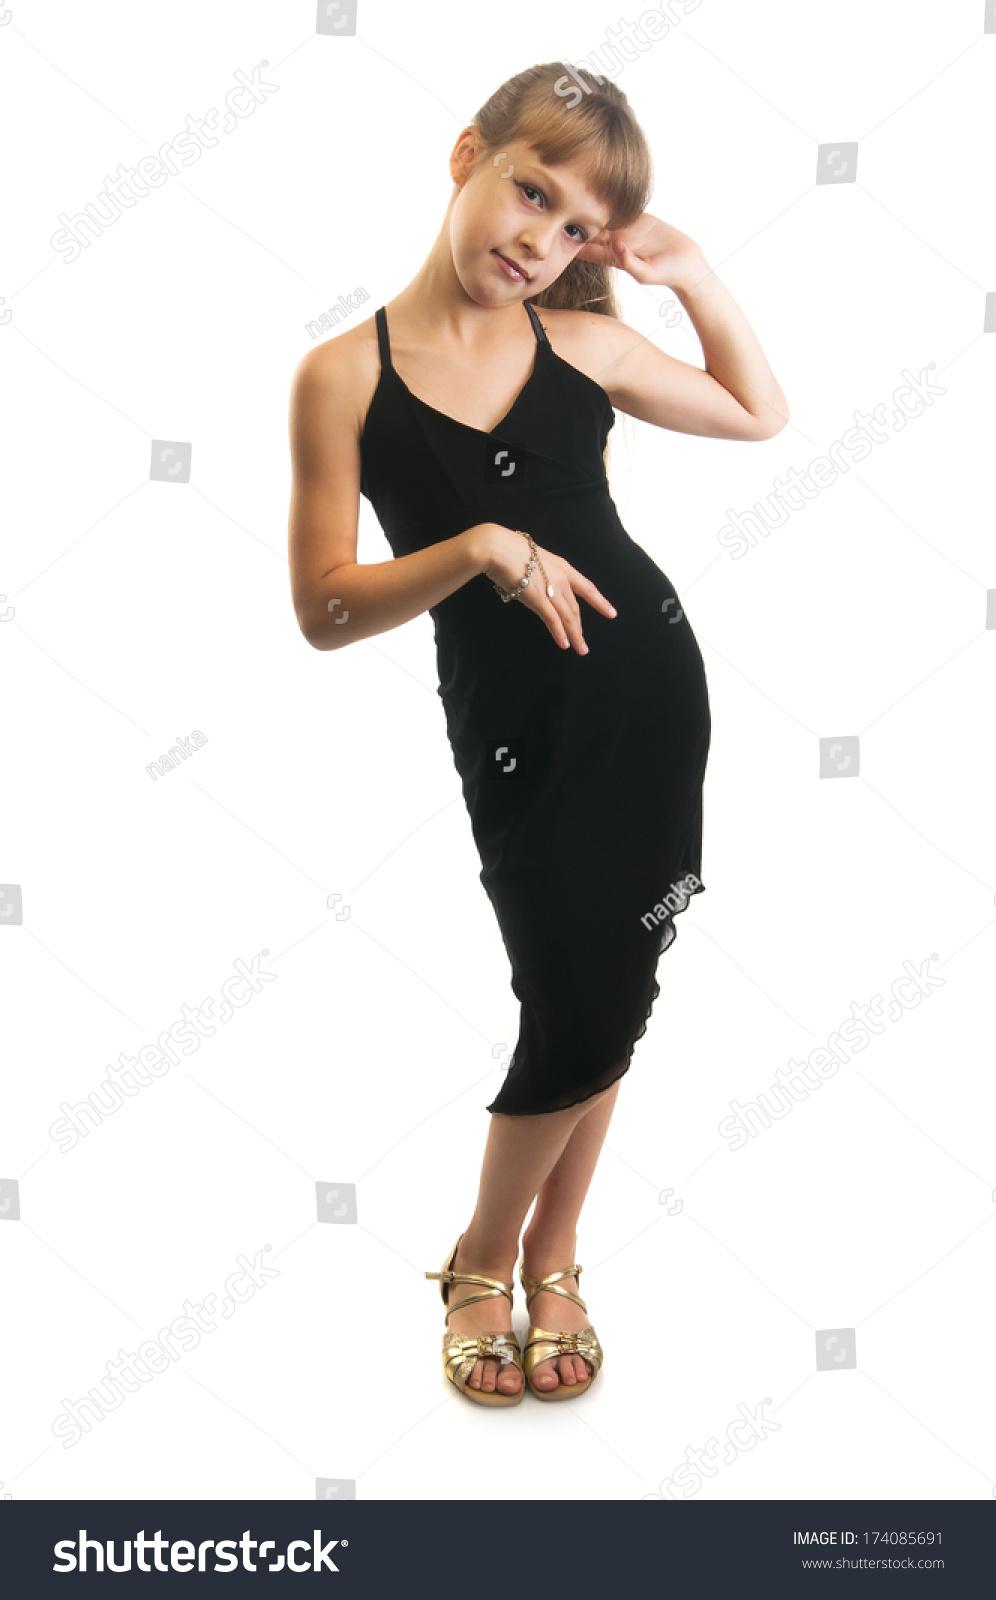 nude skinny black hair girl